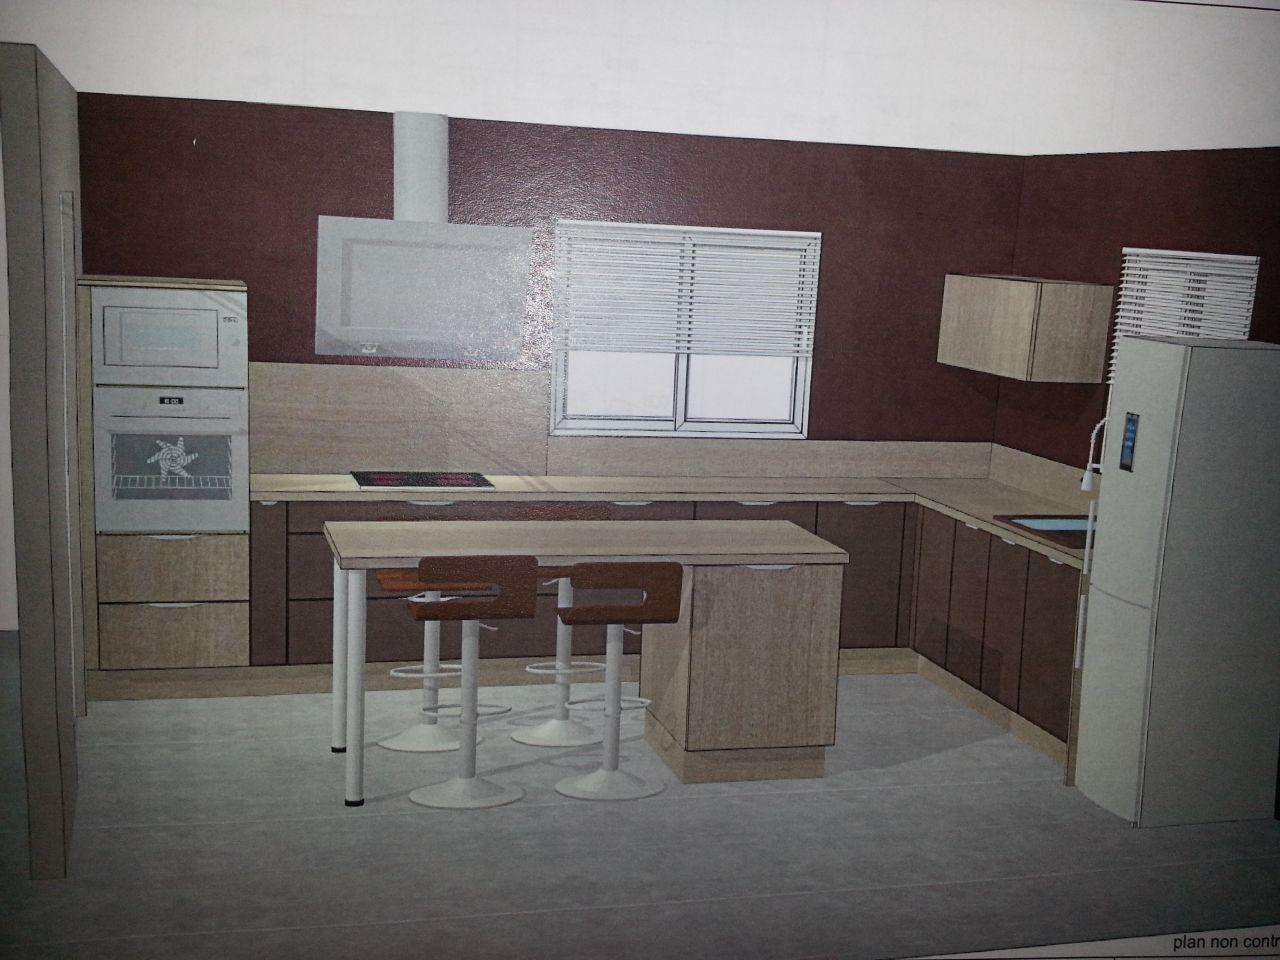 Les projets implantation de vos cuisines 8838 messages for Meuble cuisinella